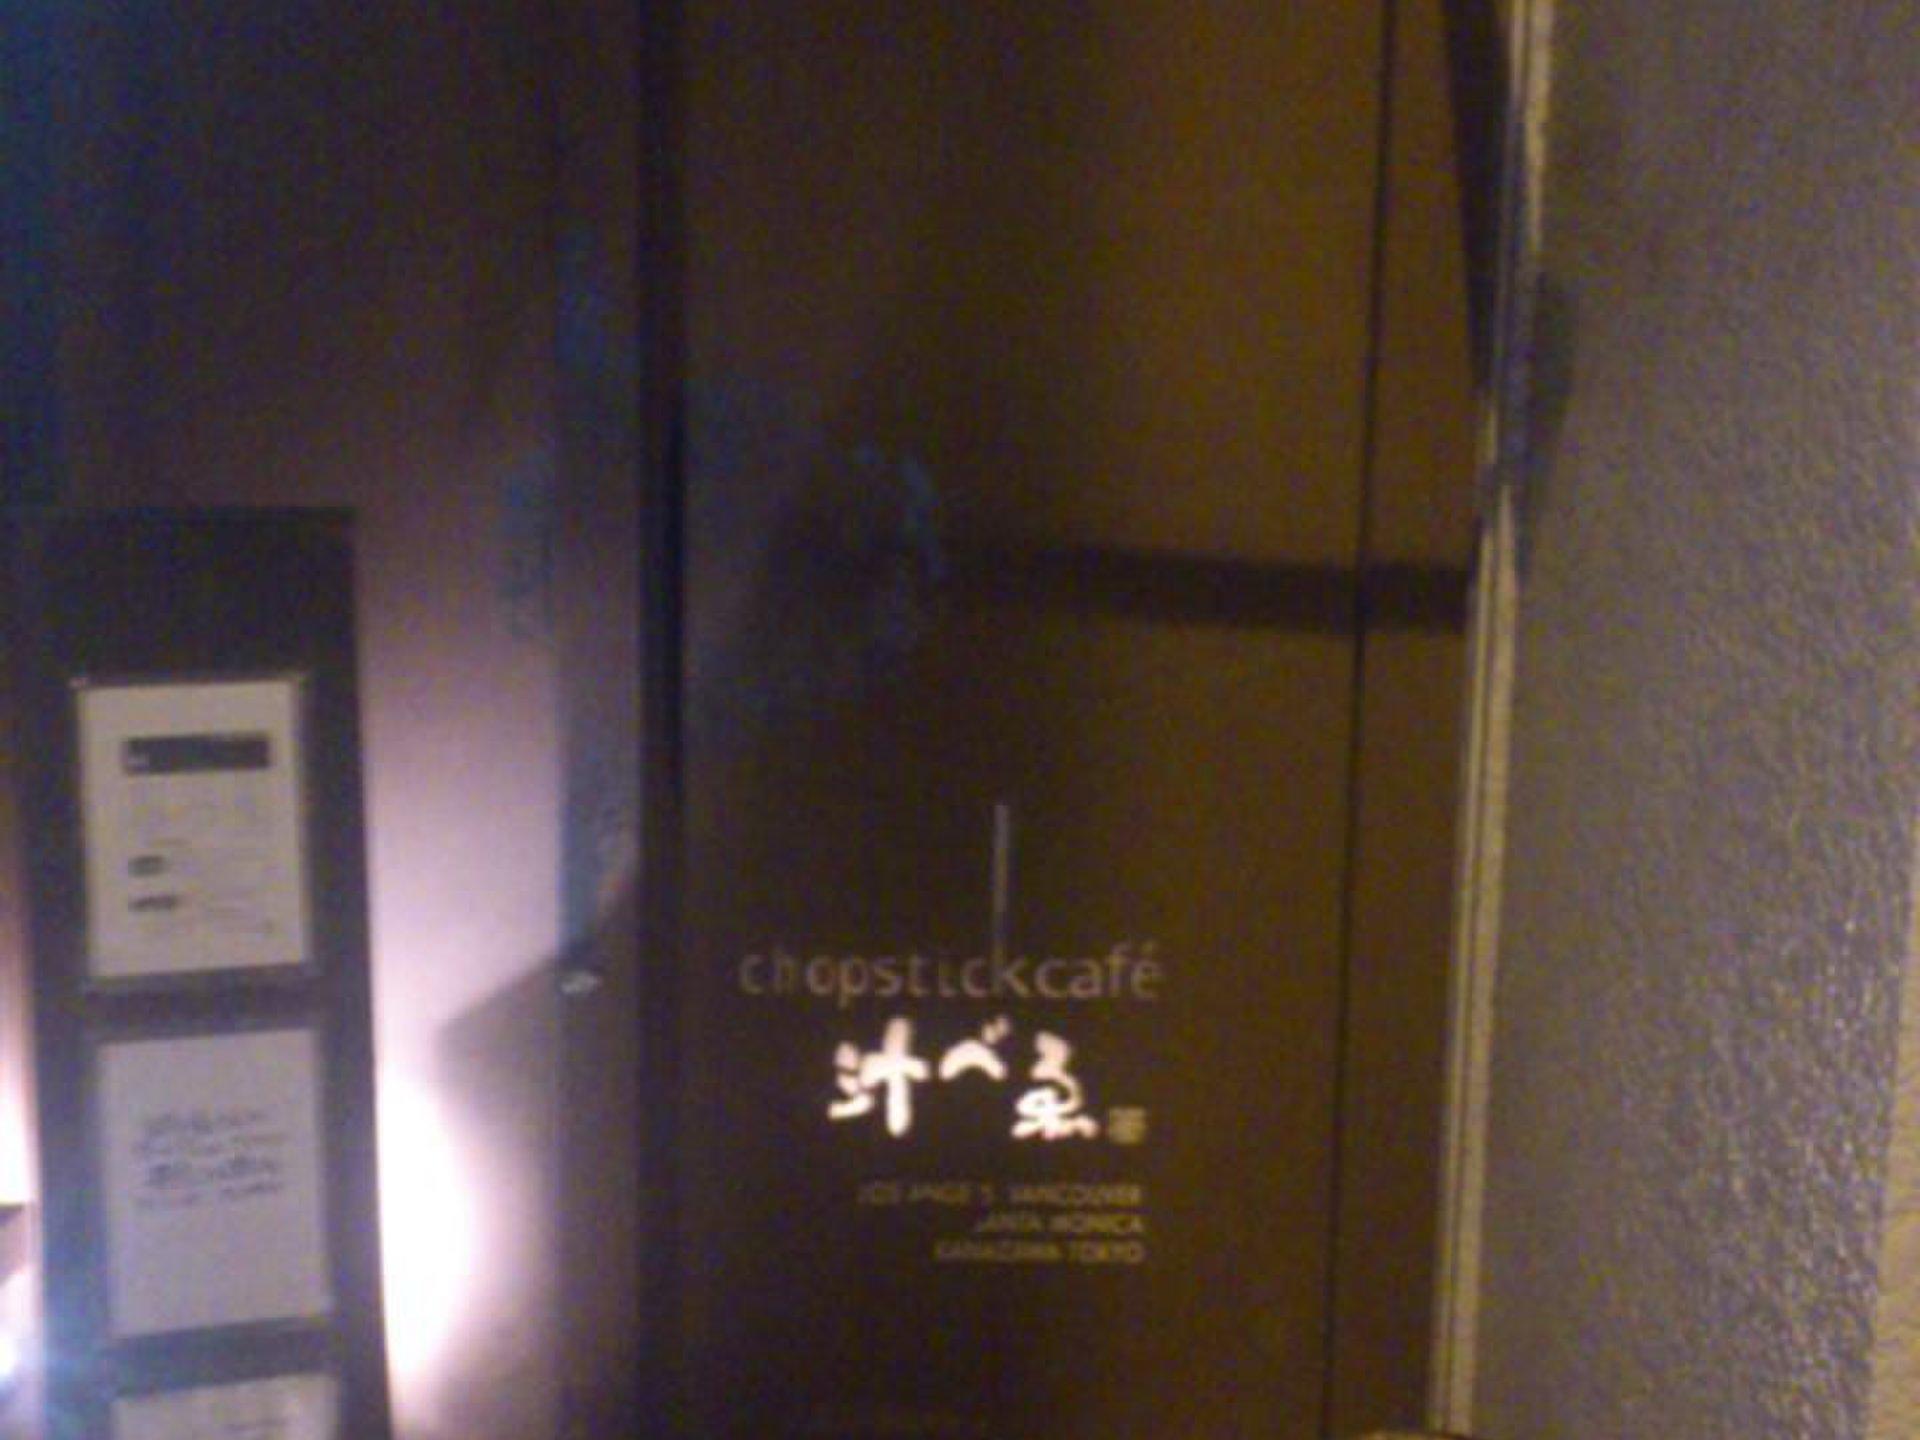 【渋谷の超隠れ家でおしゃれ女子会】隠れ家過ぎて迷う!?某大御所タレントも絶賛!